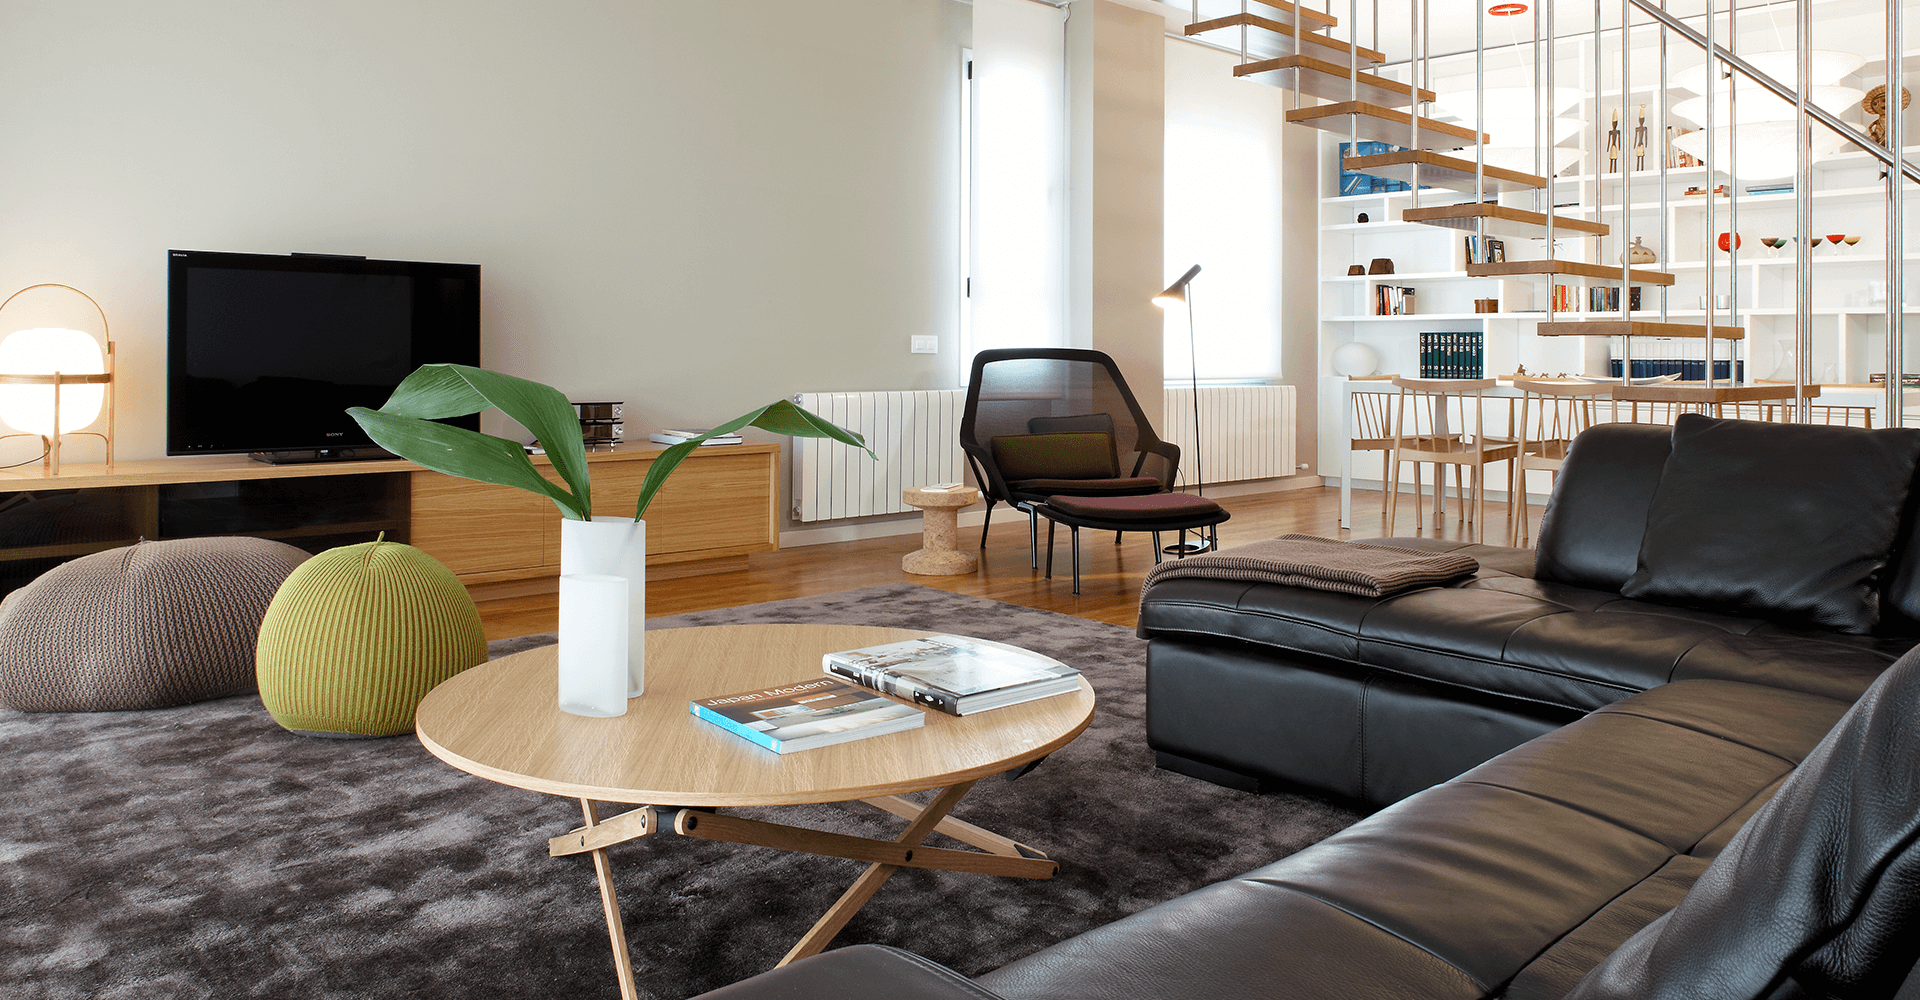 Interiorisme Decoració Barcelona | The Room Studio